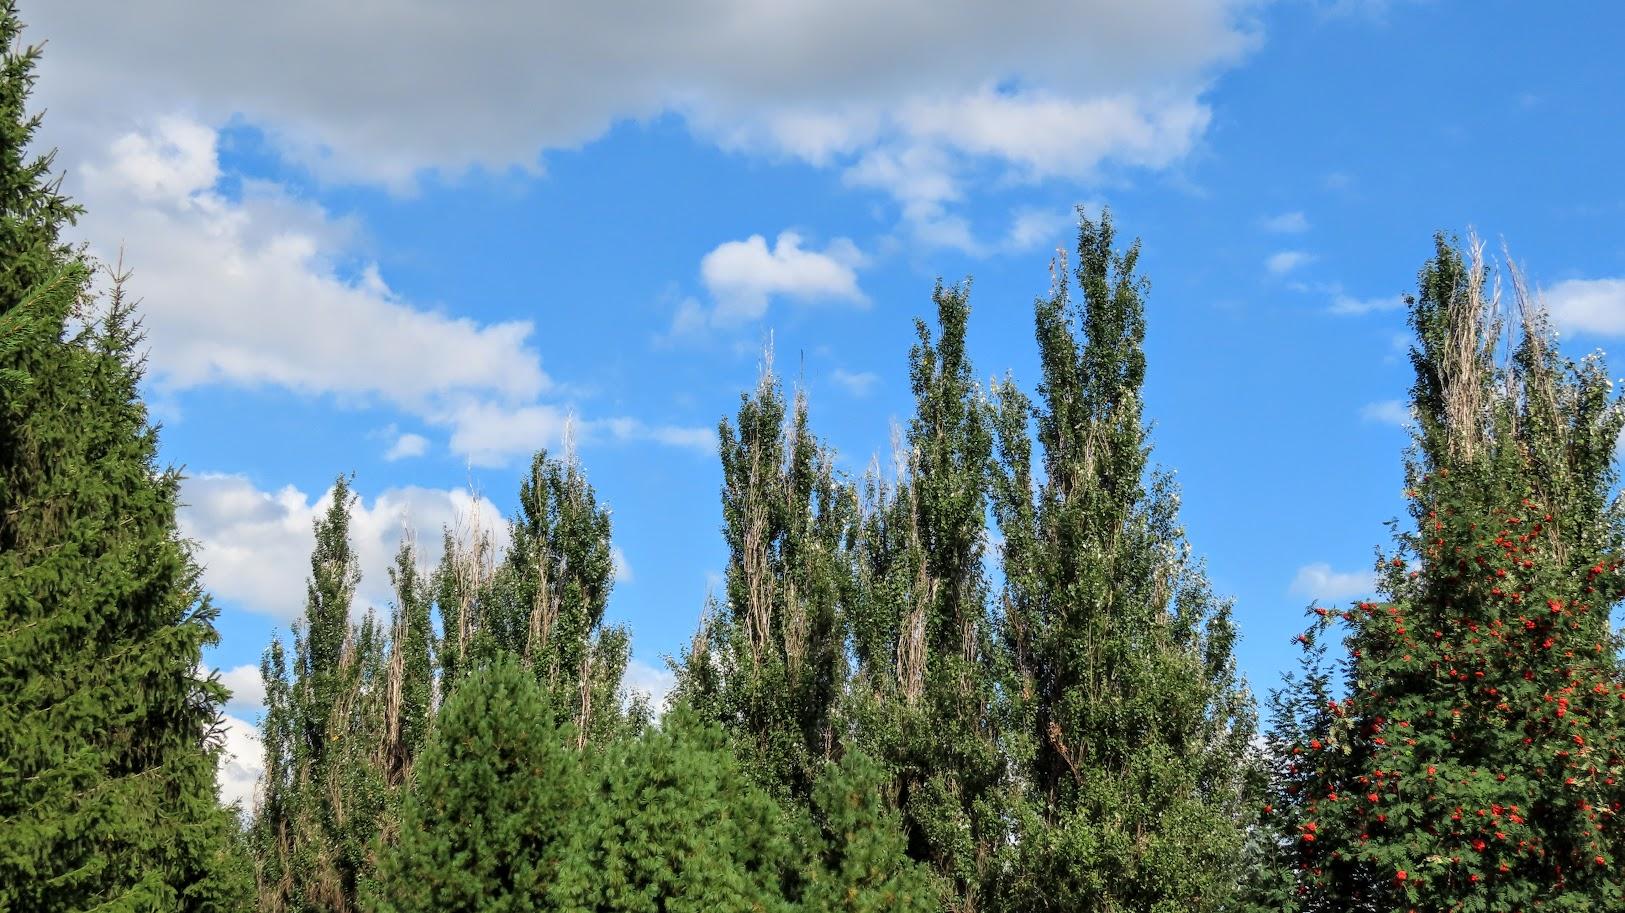 Засентябрило. По старому стилю ещё лето, осень начнётся 14 августа)38 фото 35712444